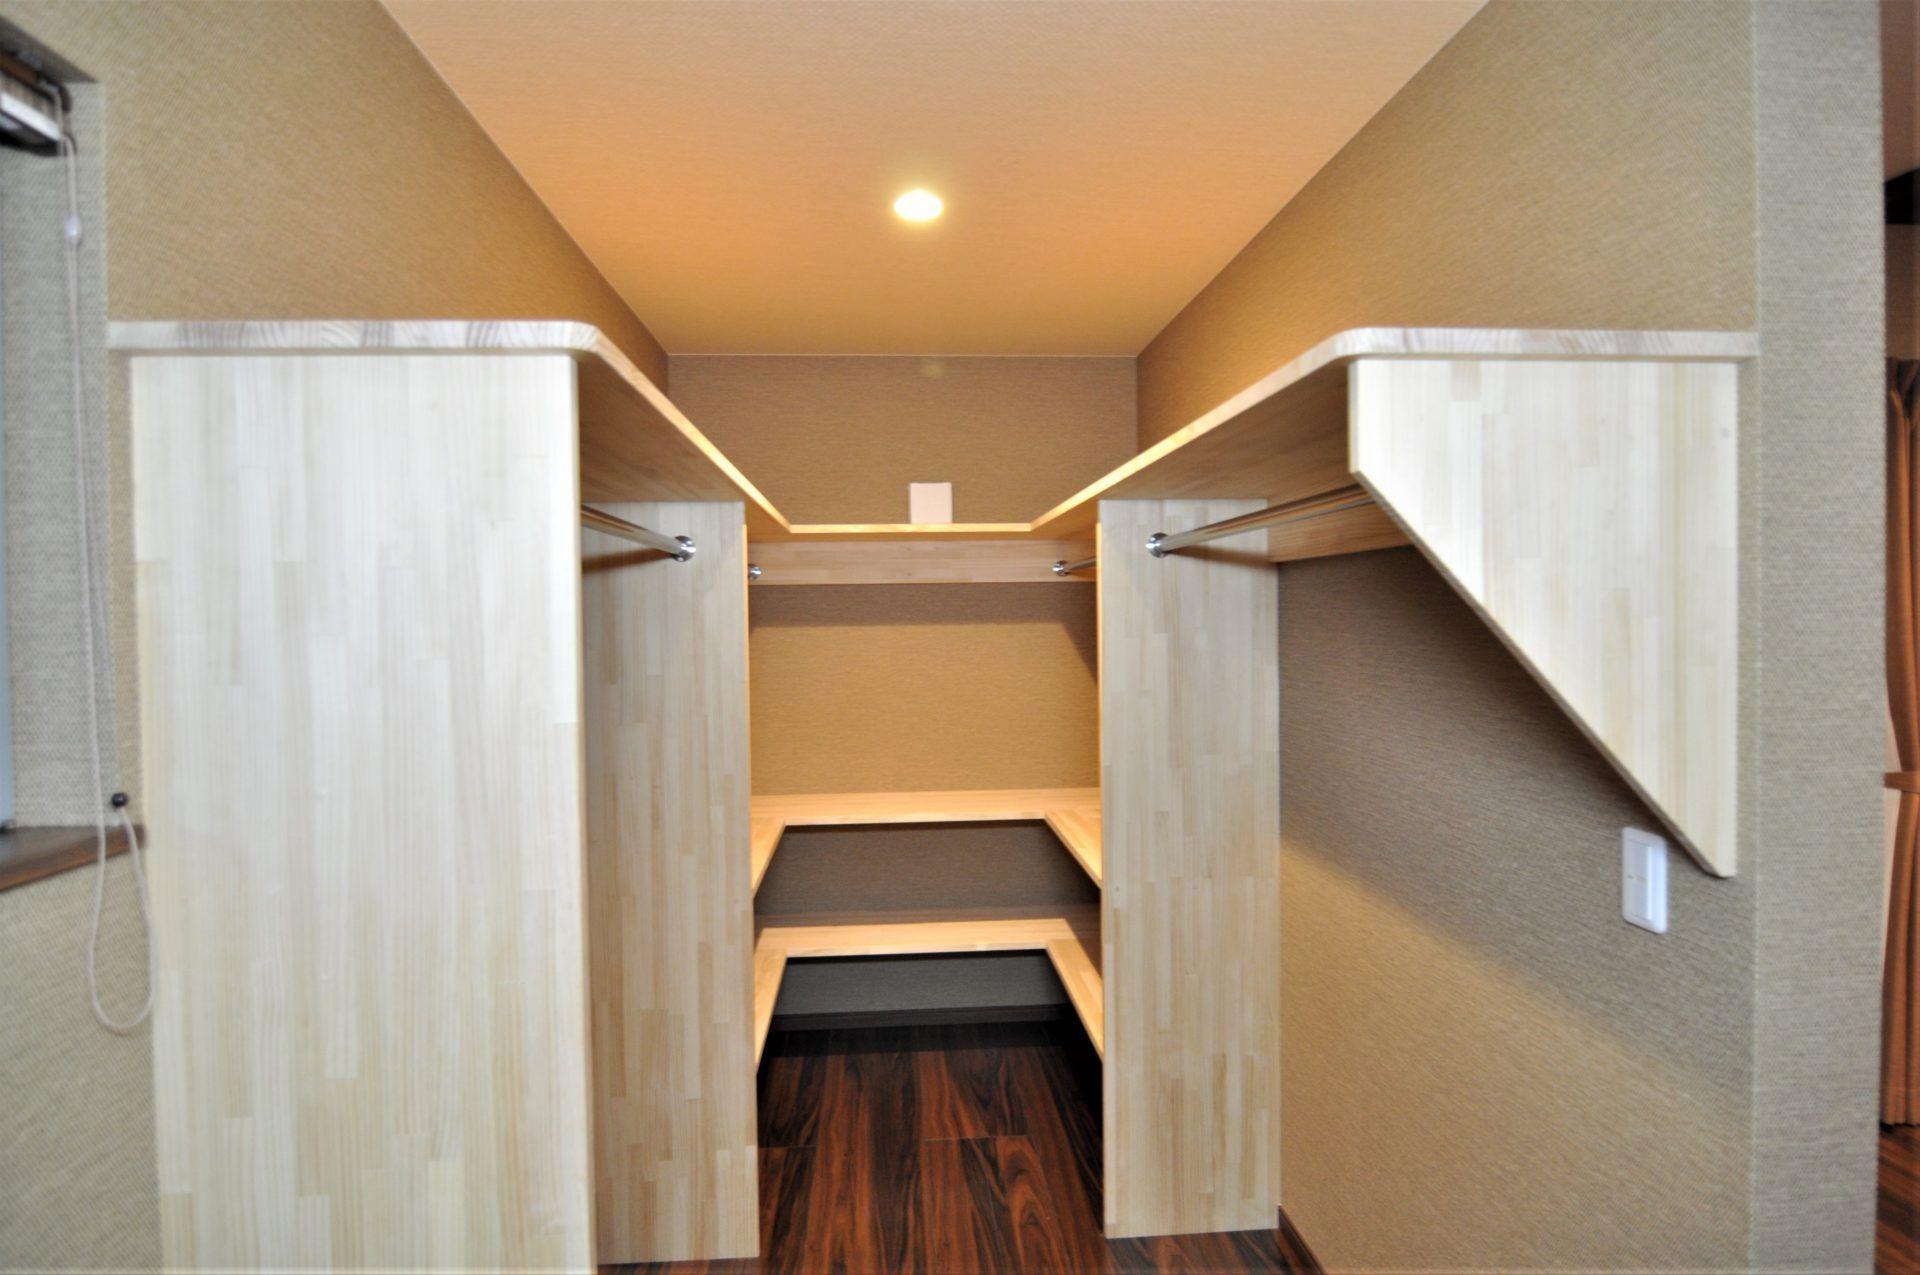 有限会社 市川建築店 1級建築士事務所「三条市 I様邸」のシンプル・ナチュラル・和風・和モダンな収納スペースの実例写真